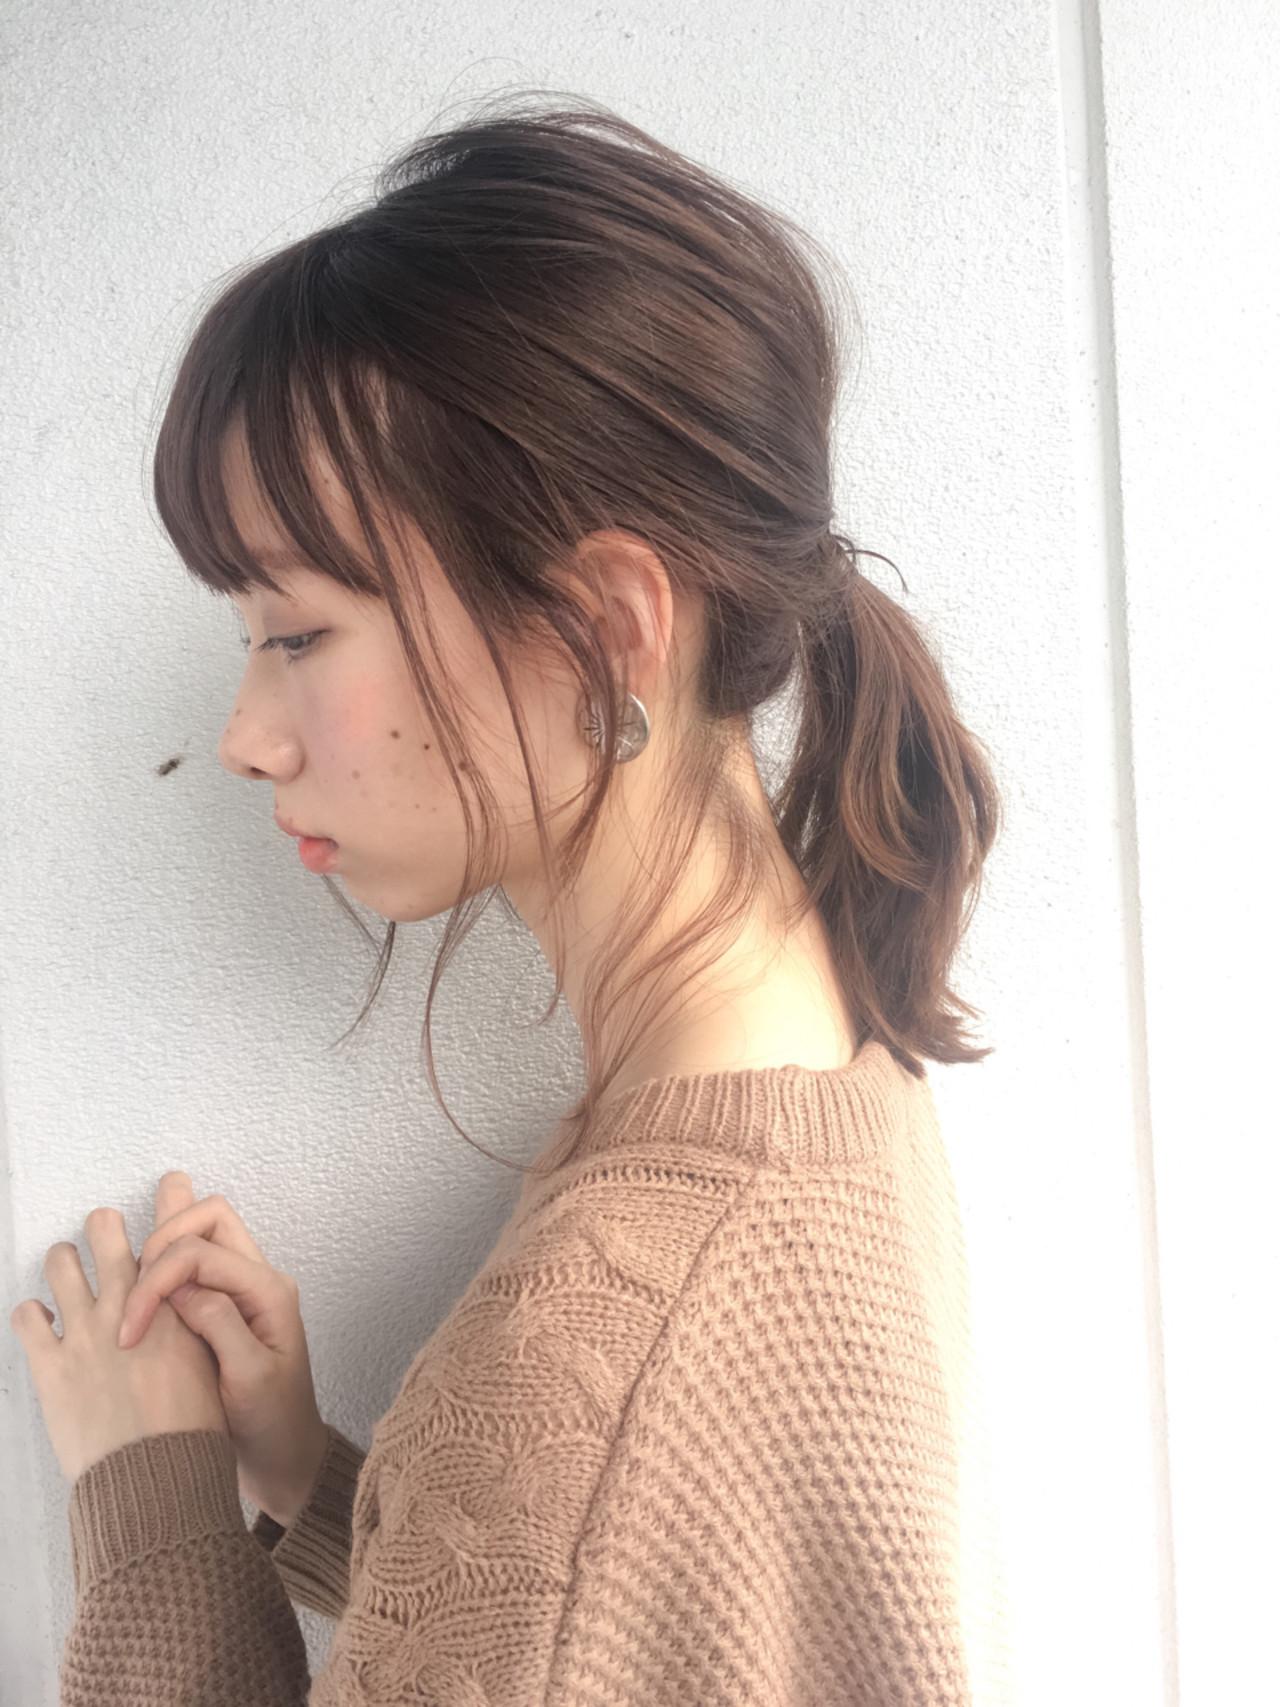 簡単ヘアアレンジ 大人女子 ガーリー ショート ヘアスタイルや髪型の写真・画像